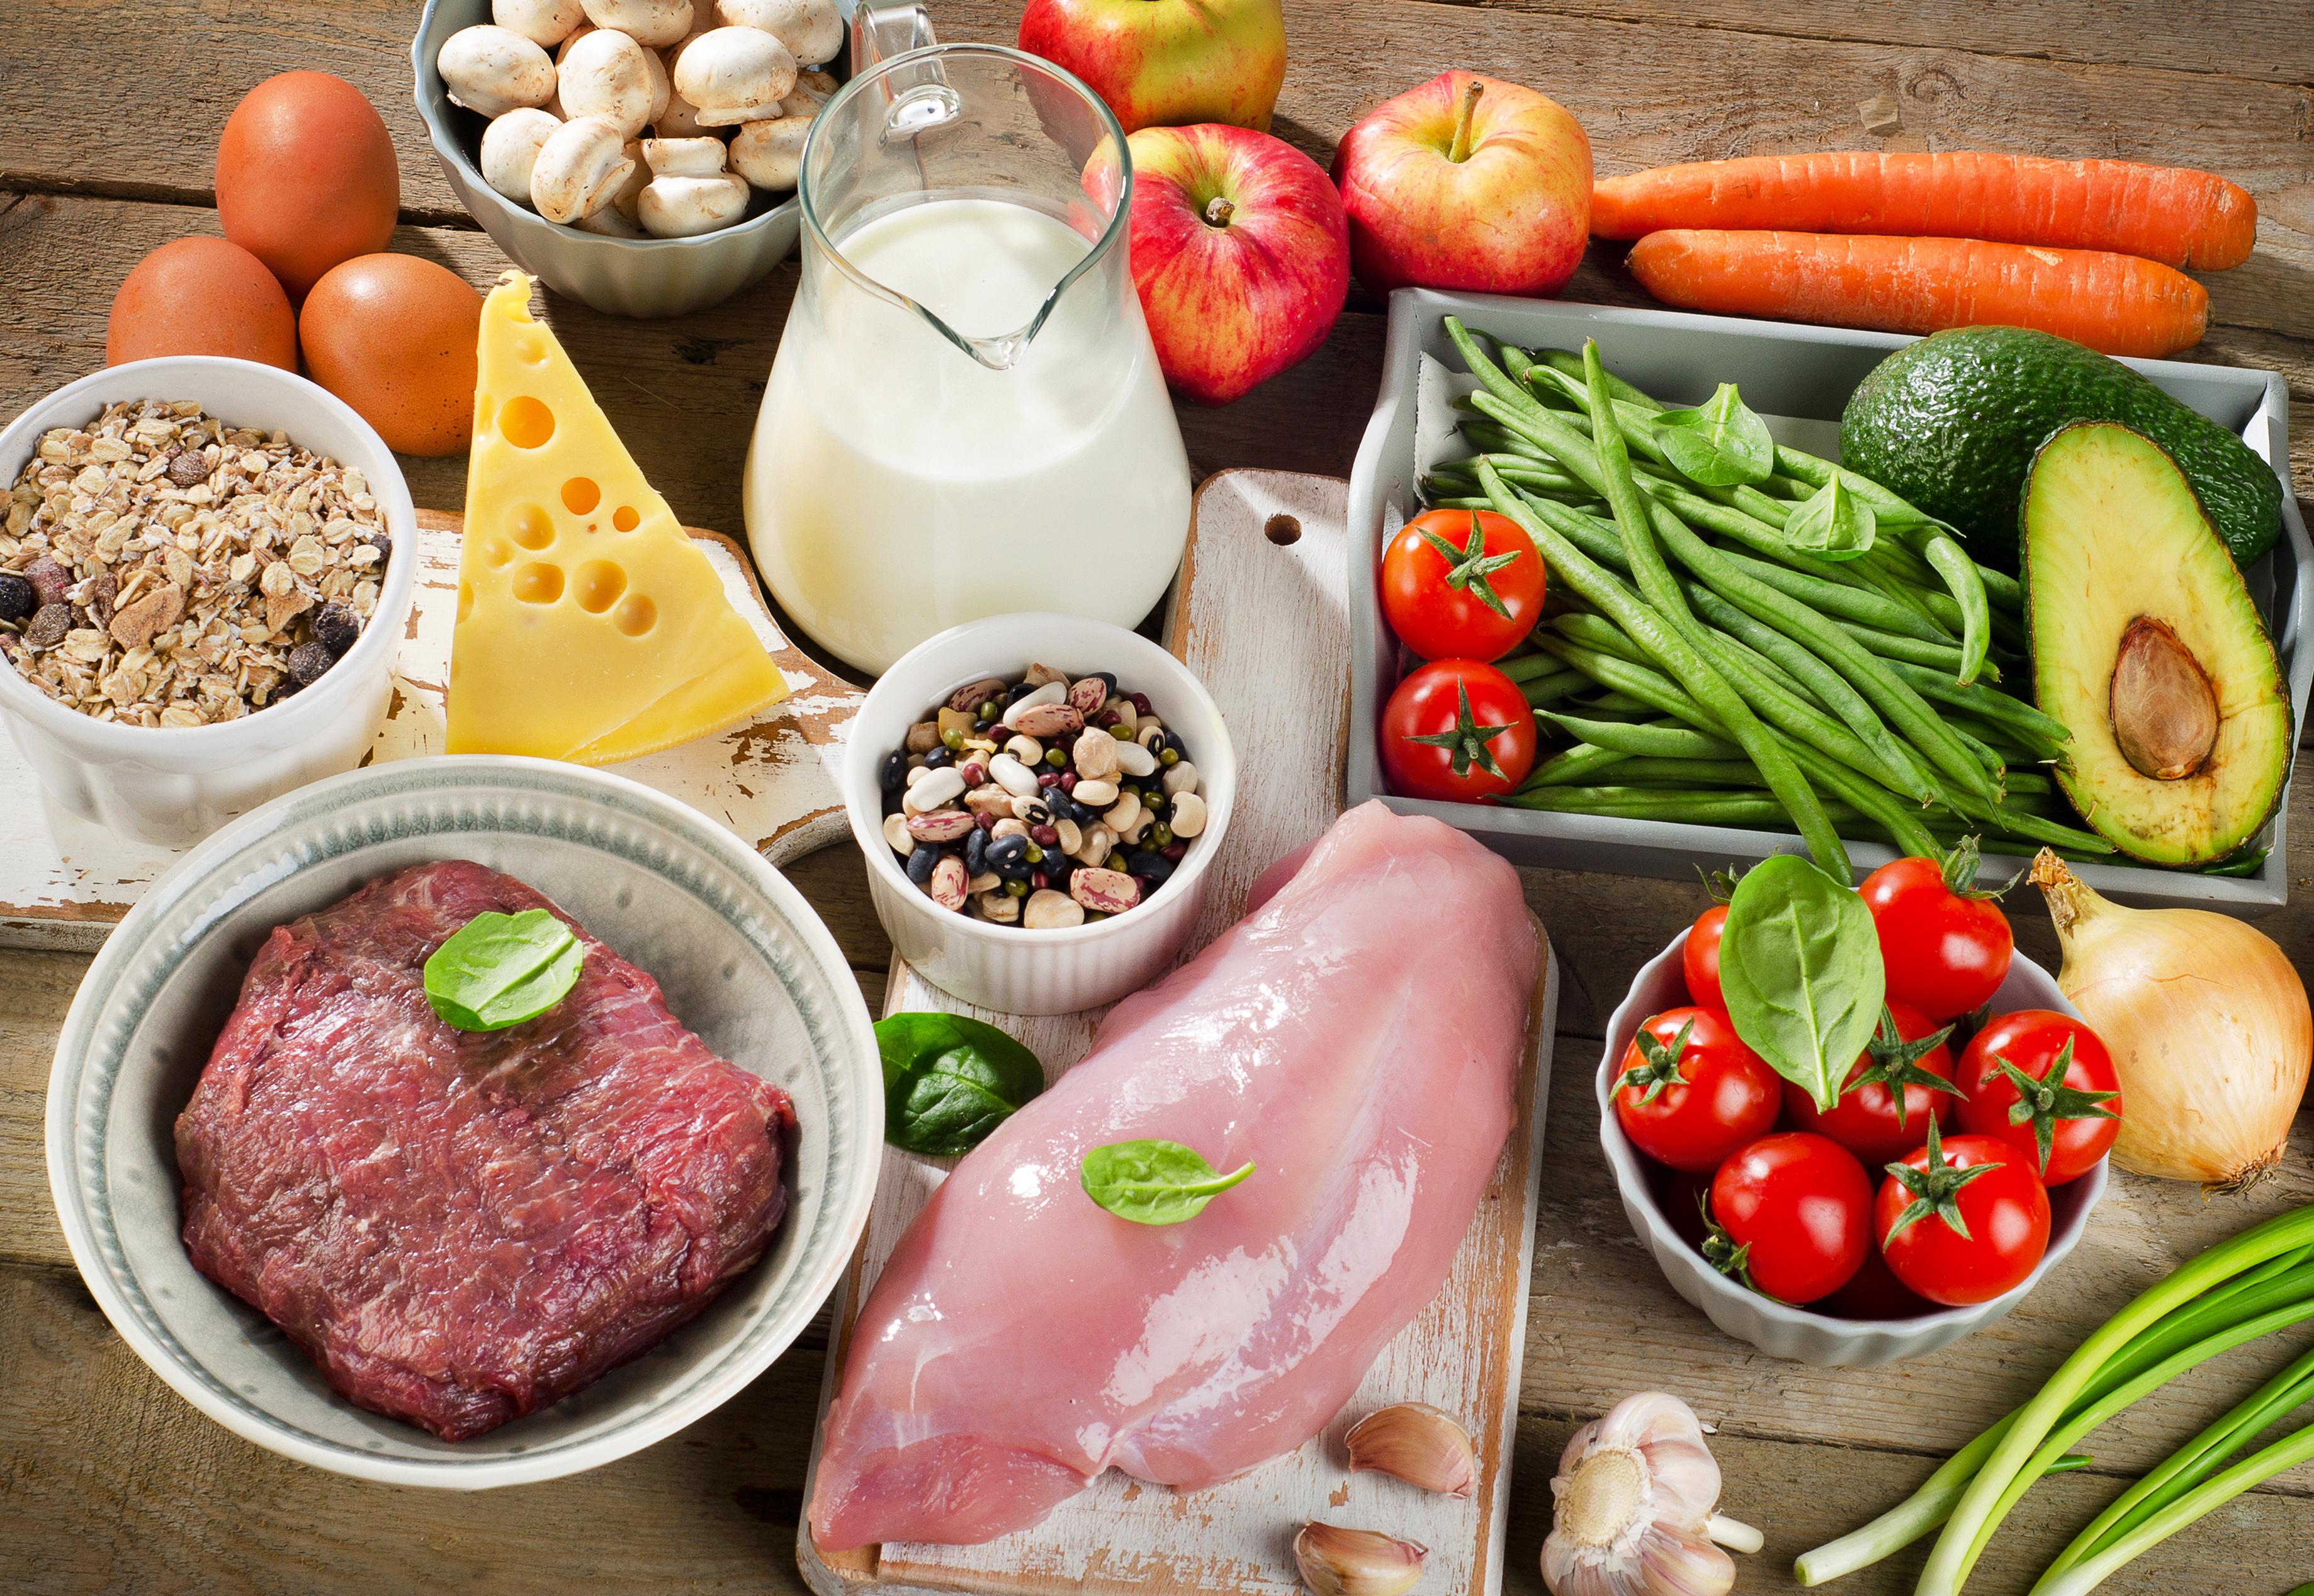 Самые Легкие Продукты Для Похудения. Самая эффективная диета для похудения в домашних условиях